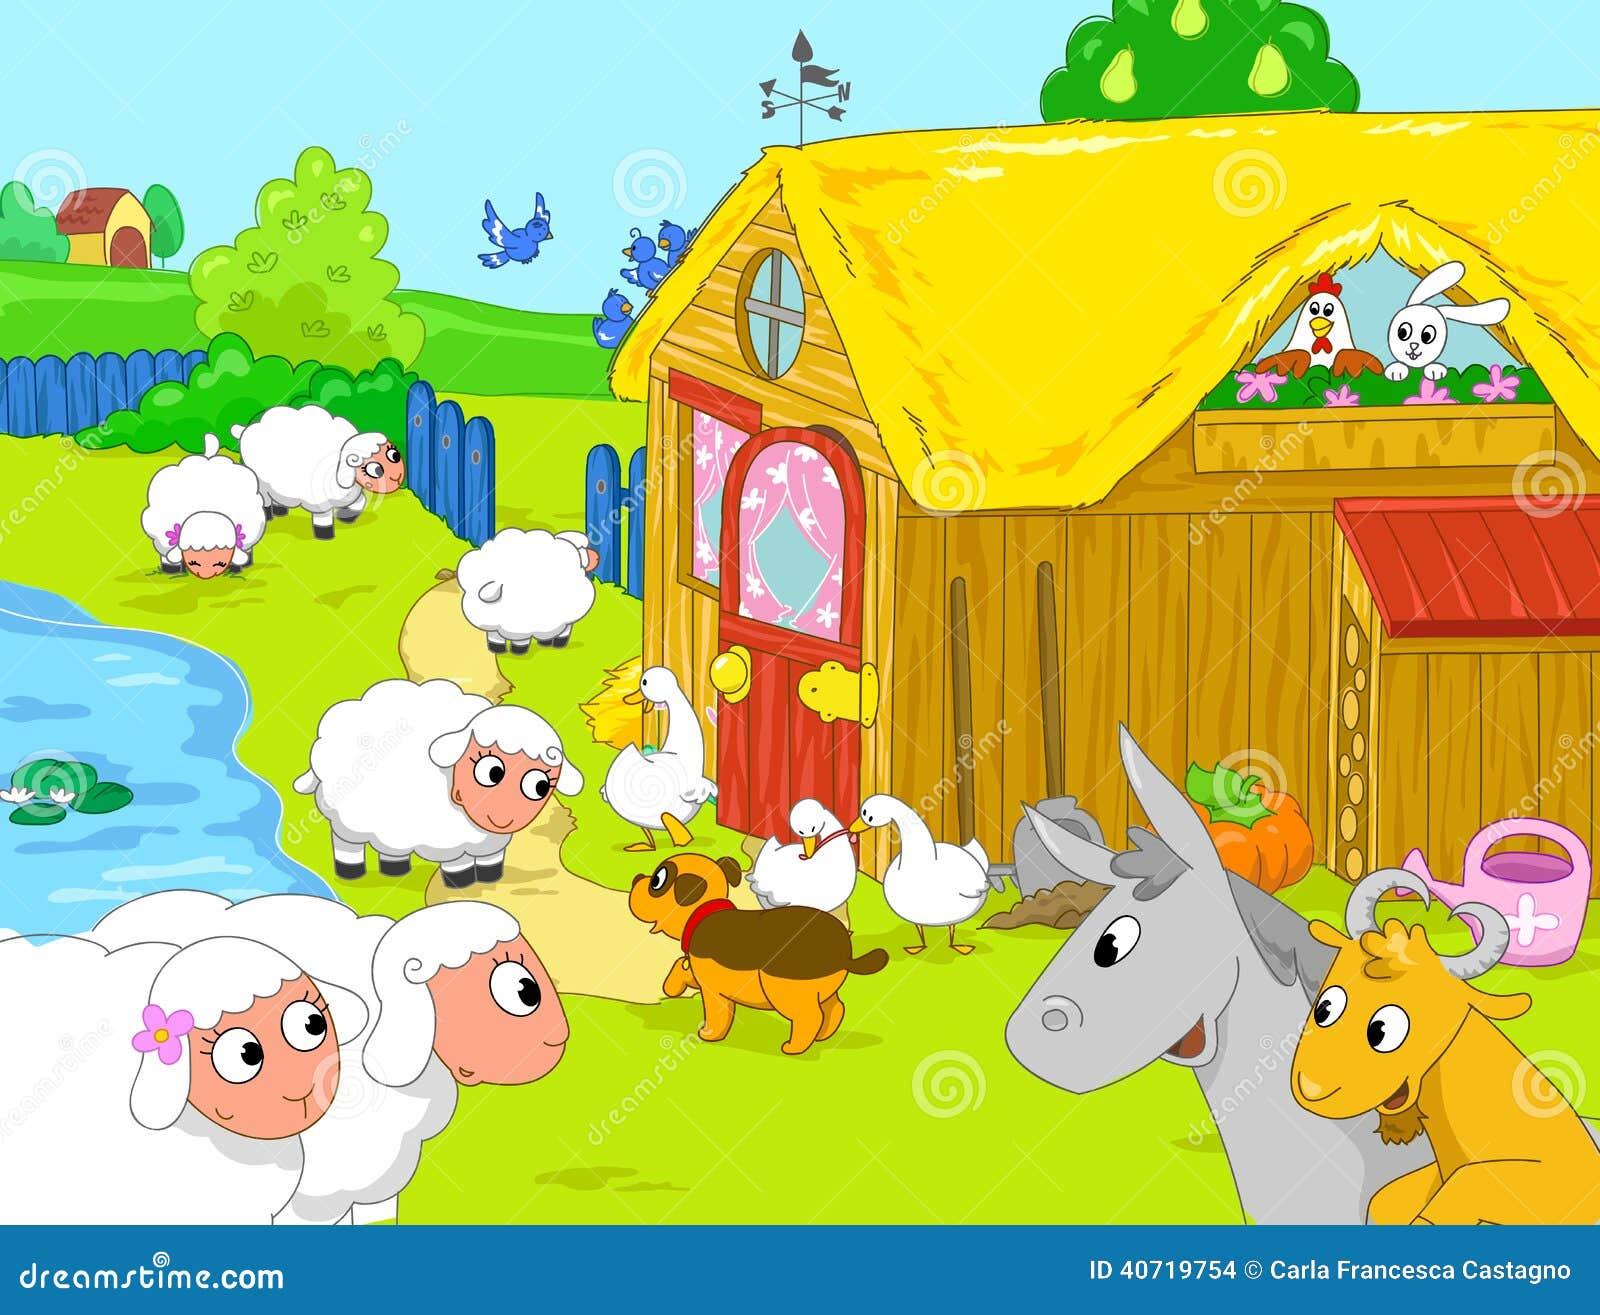 farm and funny animals near lake cartoon illustra stock